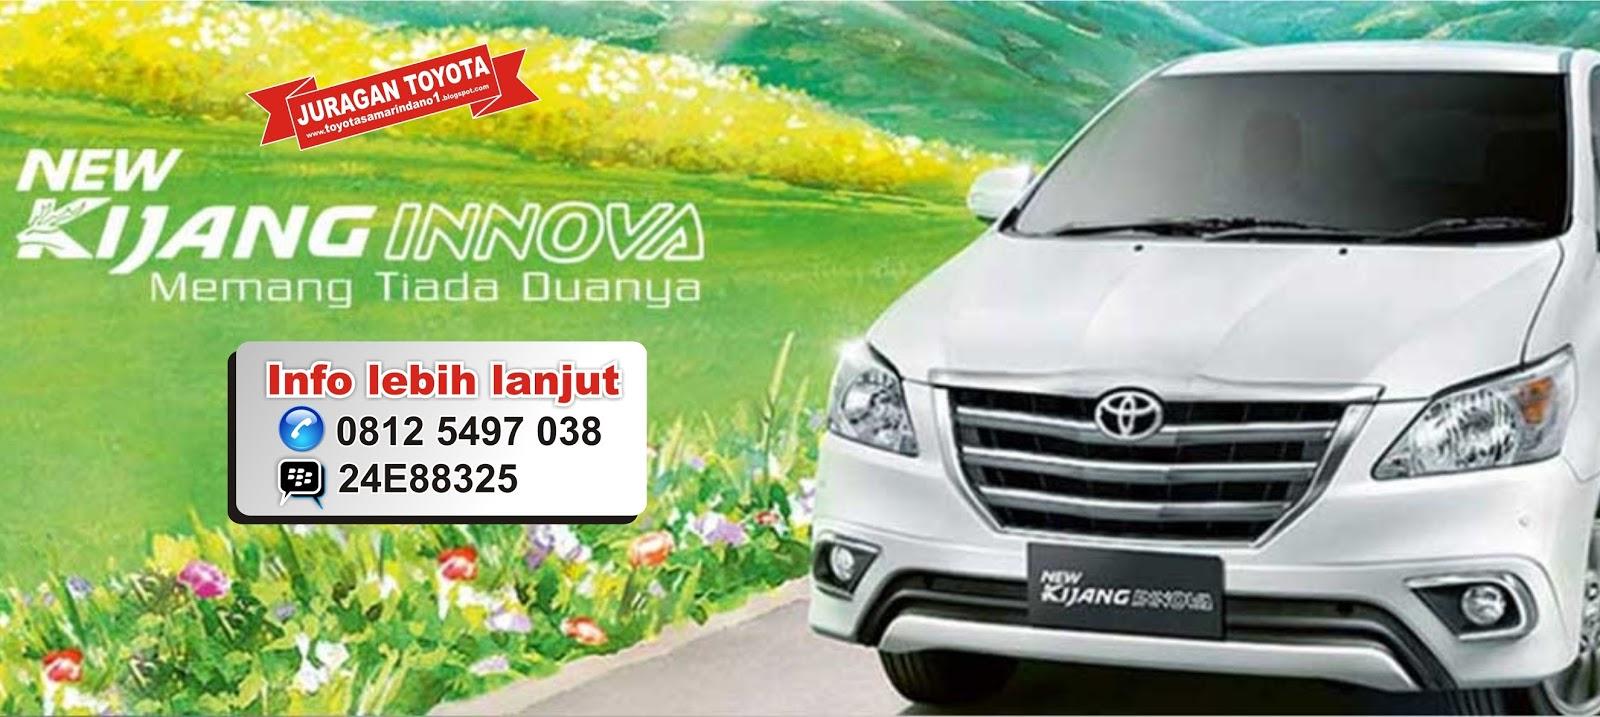 new kijang innova spesifikasi grand avanza matic 08125497038 toyota jual harga diesel type